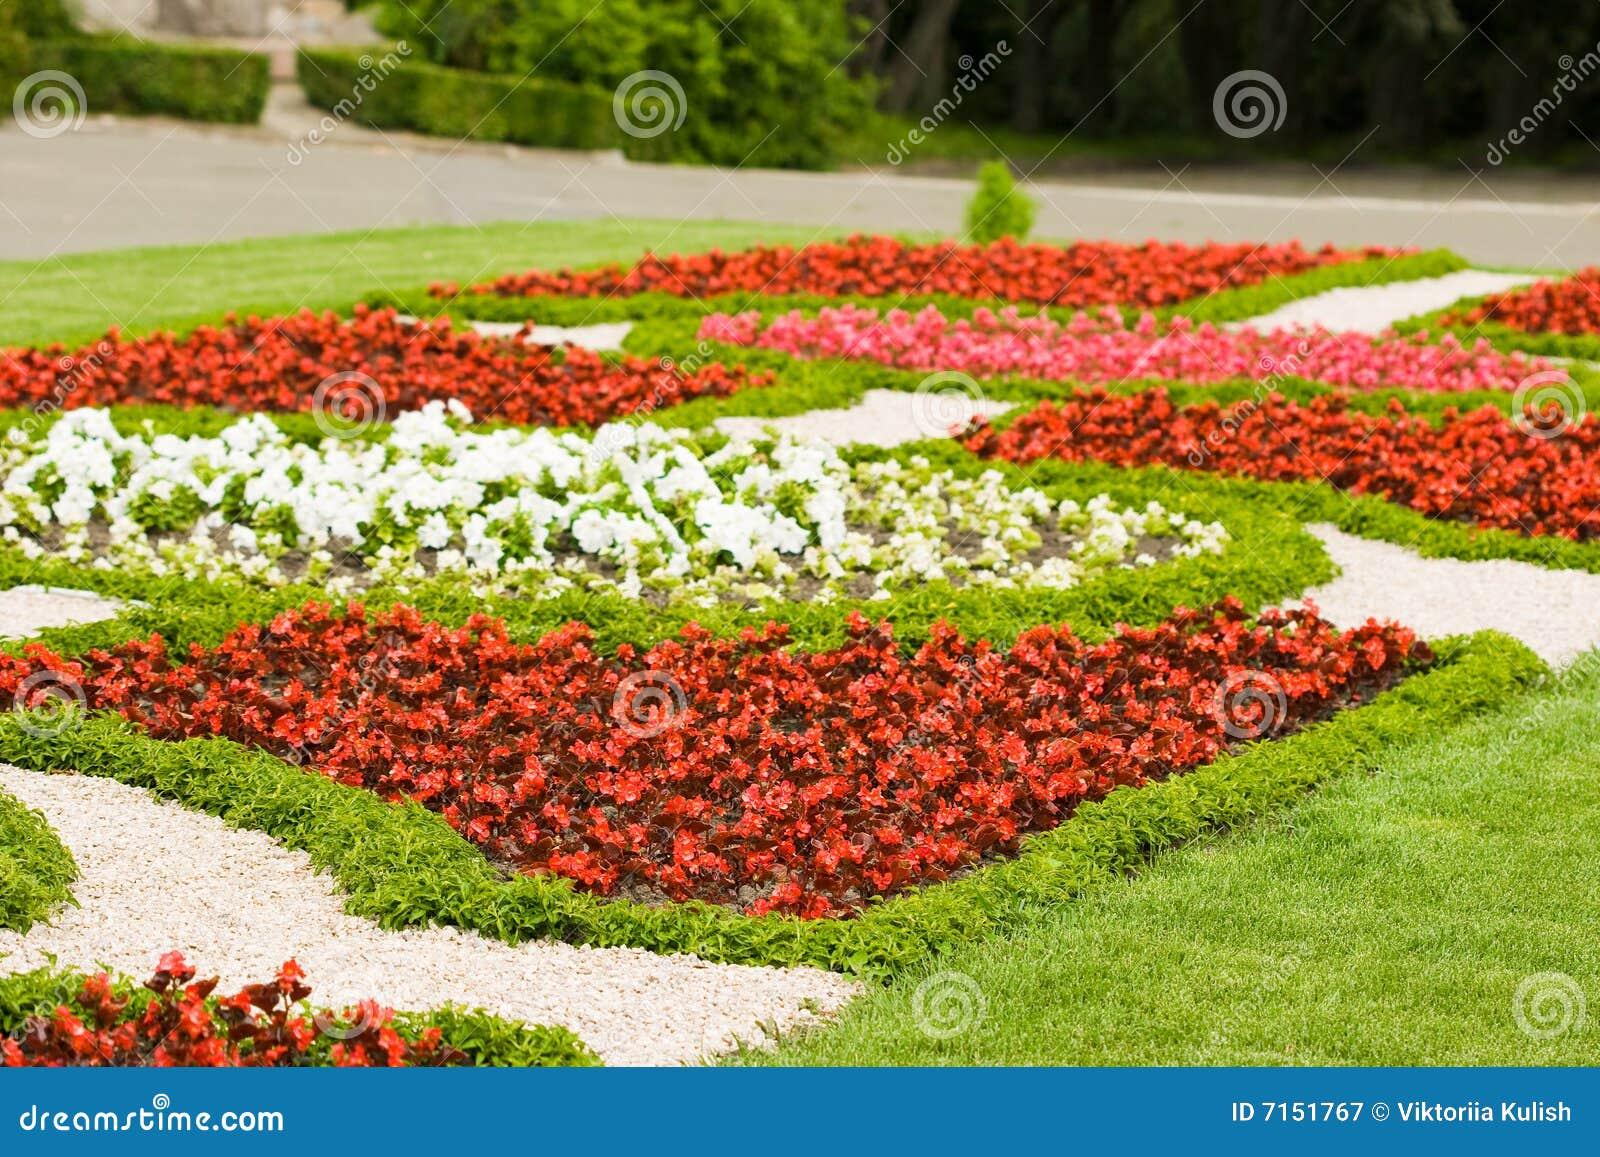 Jardín con muchas flores